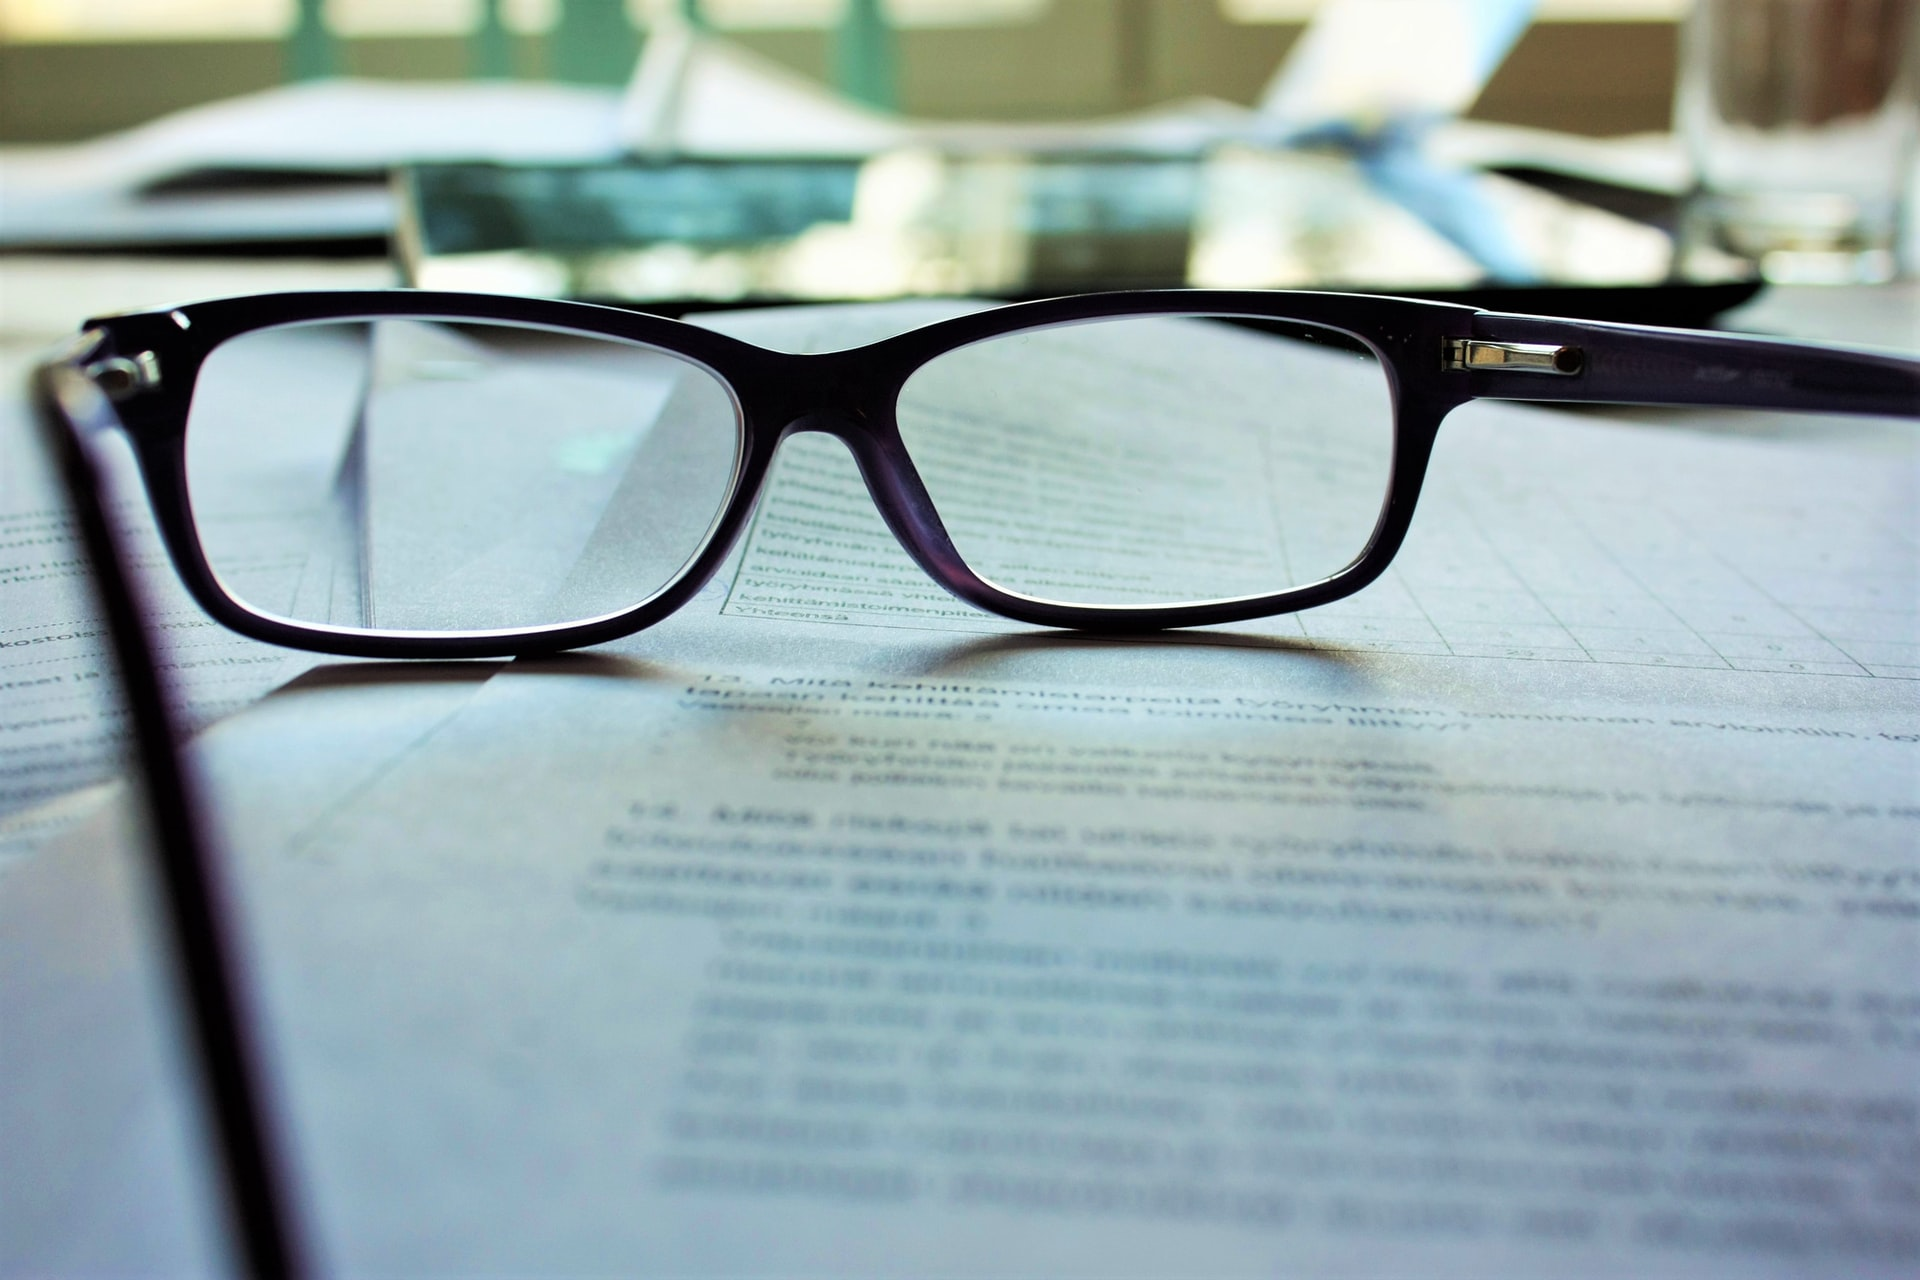 Cu ce se curata ochelarii de vedere - sfatulparintilor.ro - mari-helin-ilSnKT1IMxE-unsplash